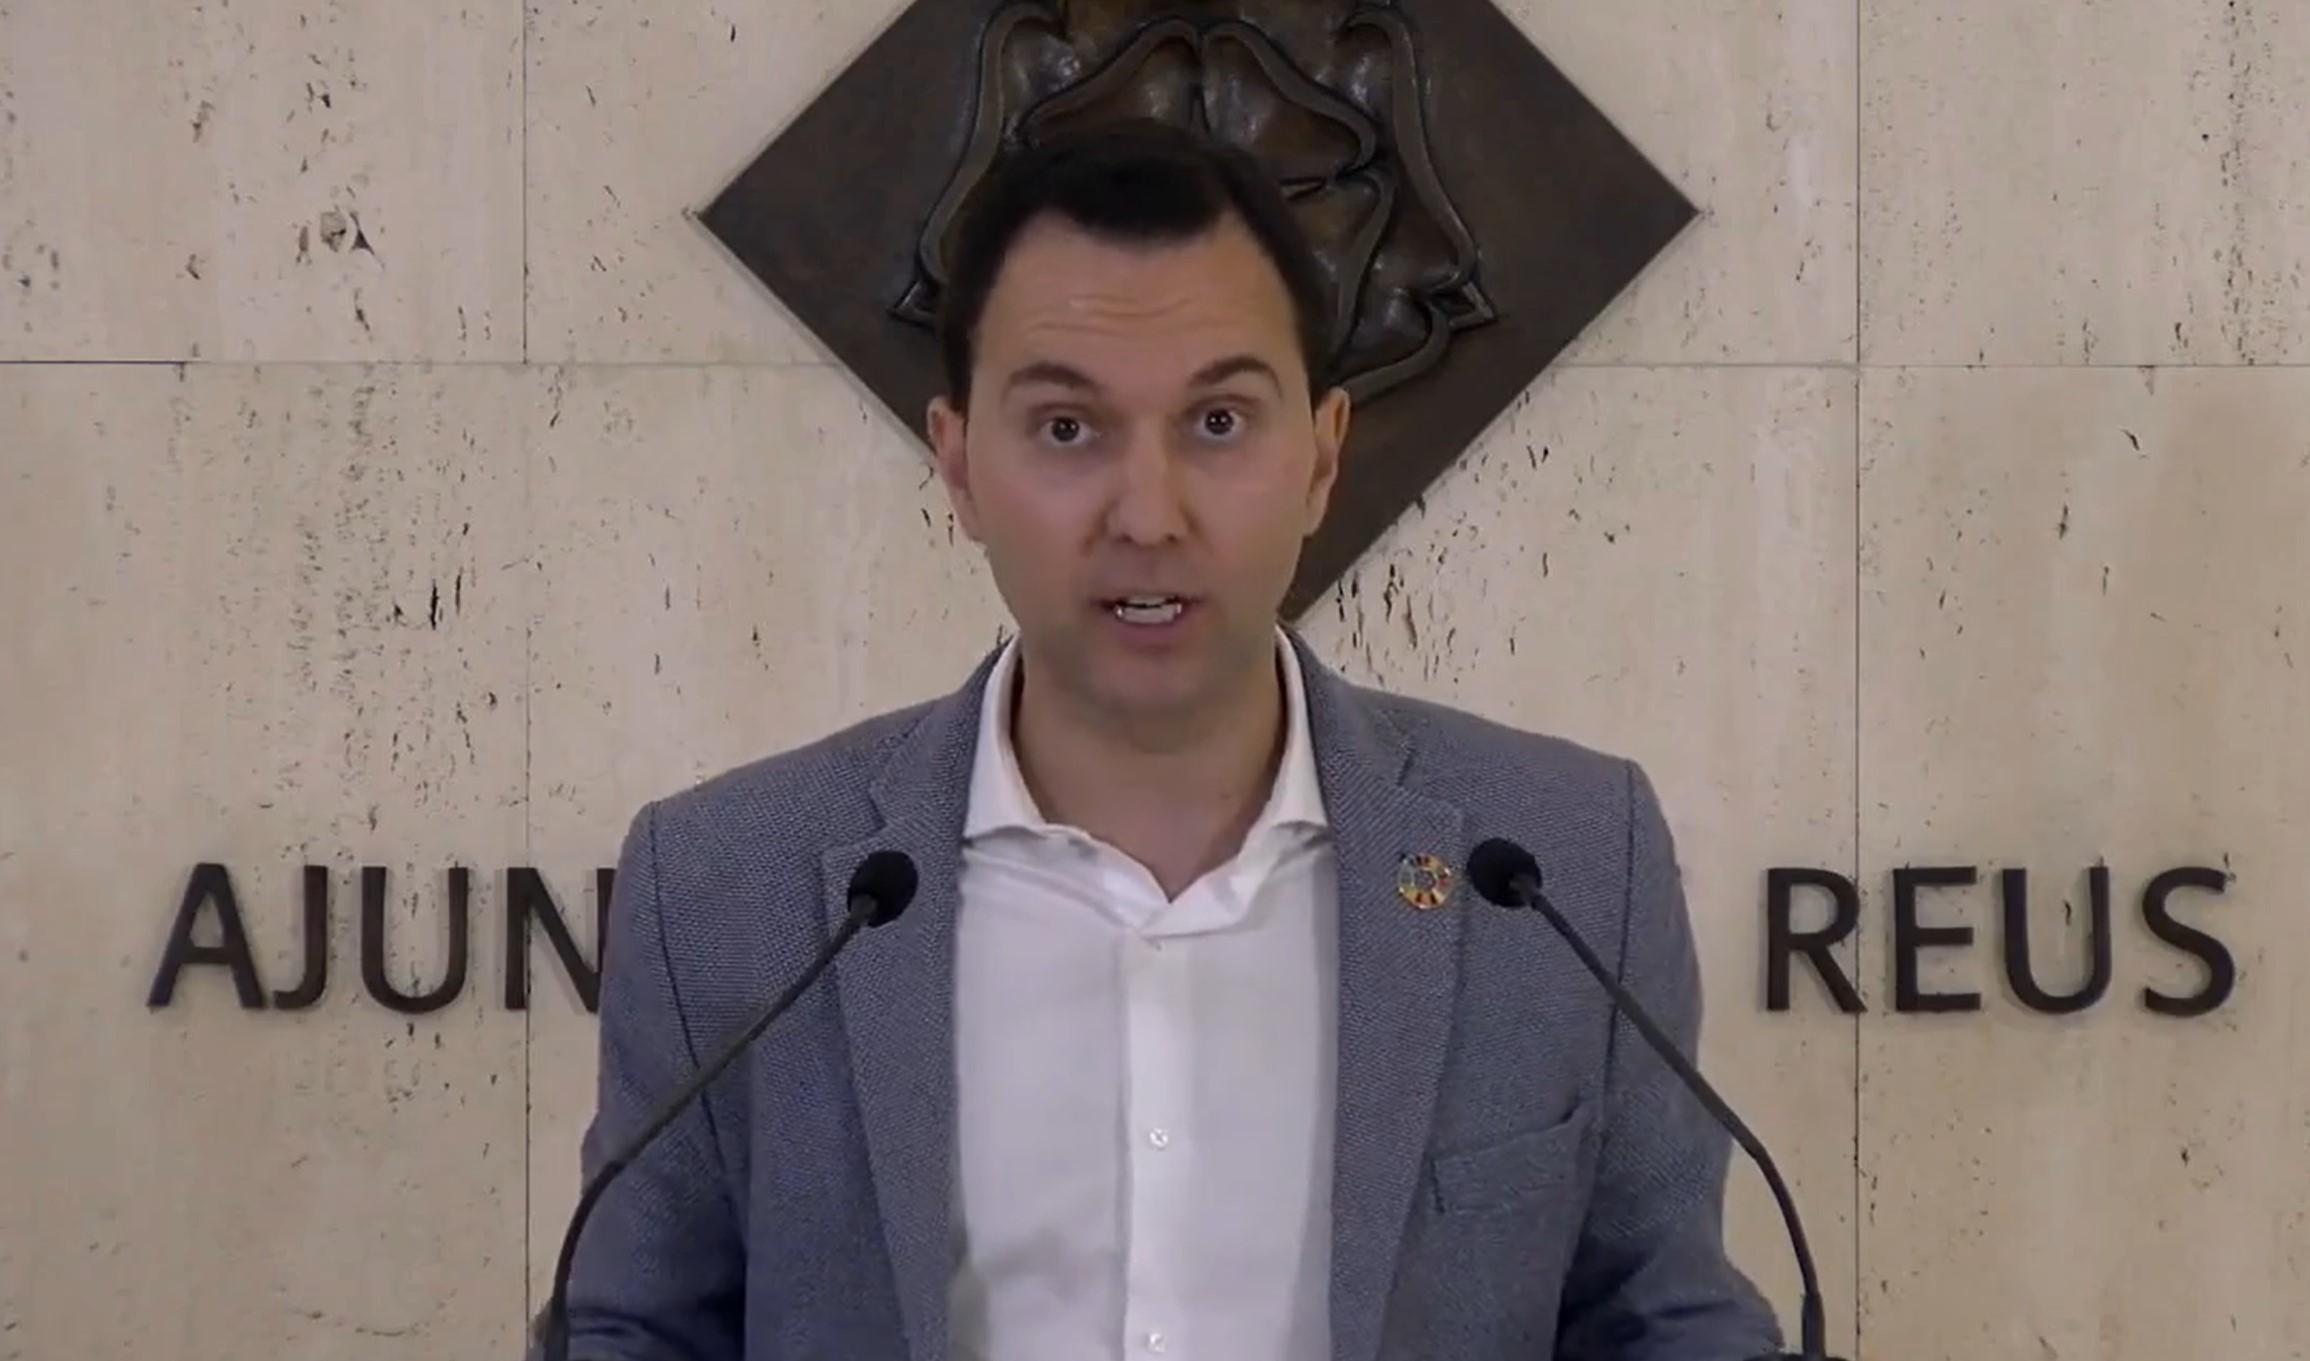 L'Ajuntament de Reus ha començat a fer l'adaptació de les oficines d'atenció ciutadana, amb mesures de prevenció per garantir la sa...